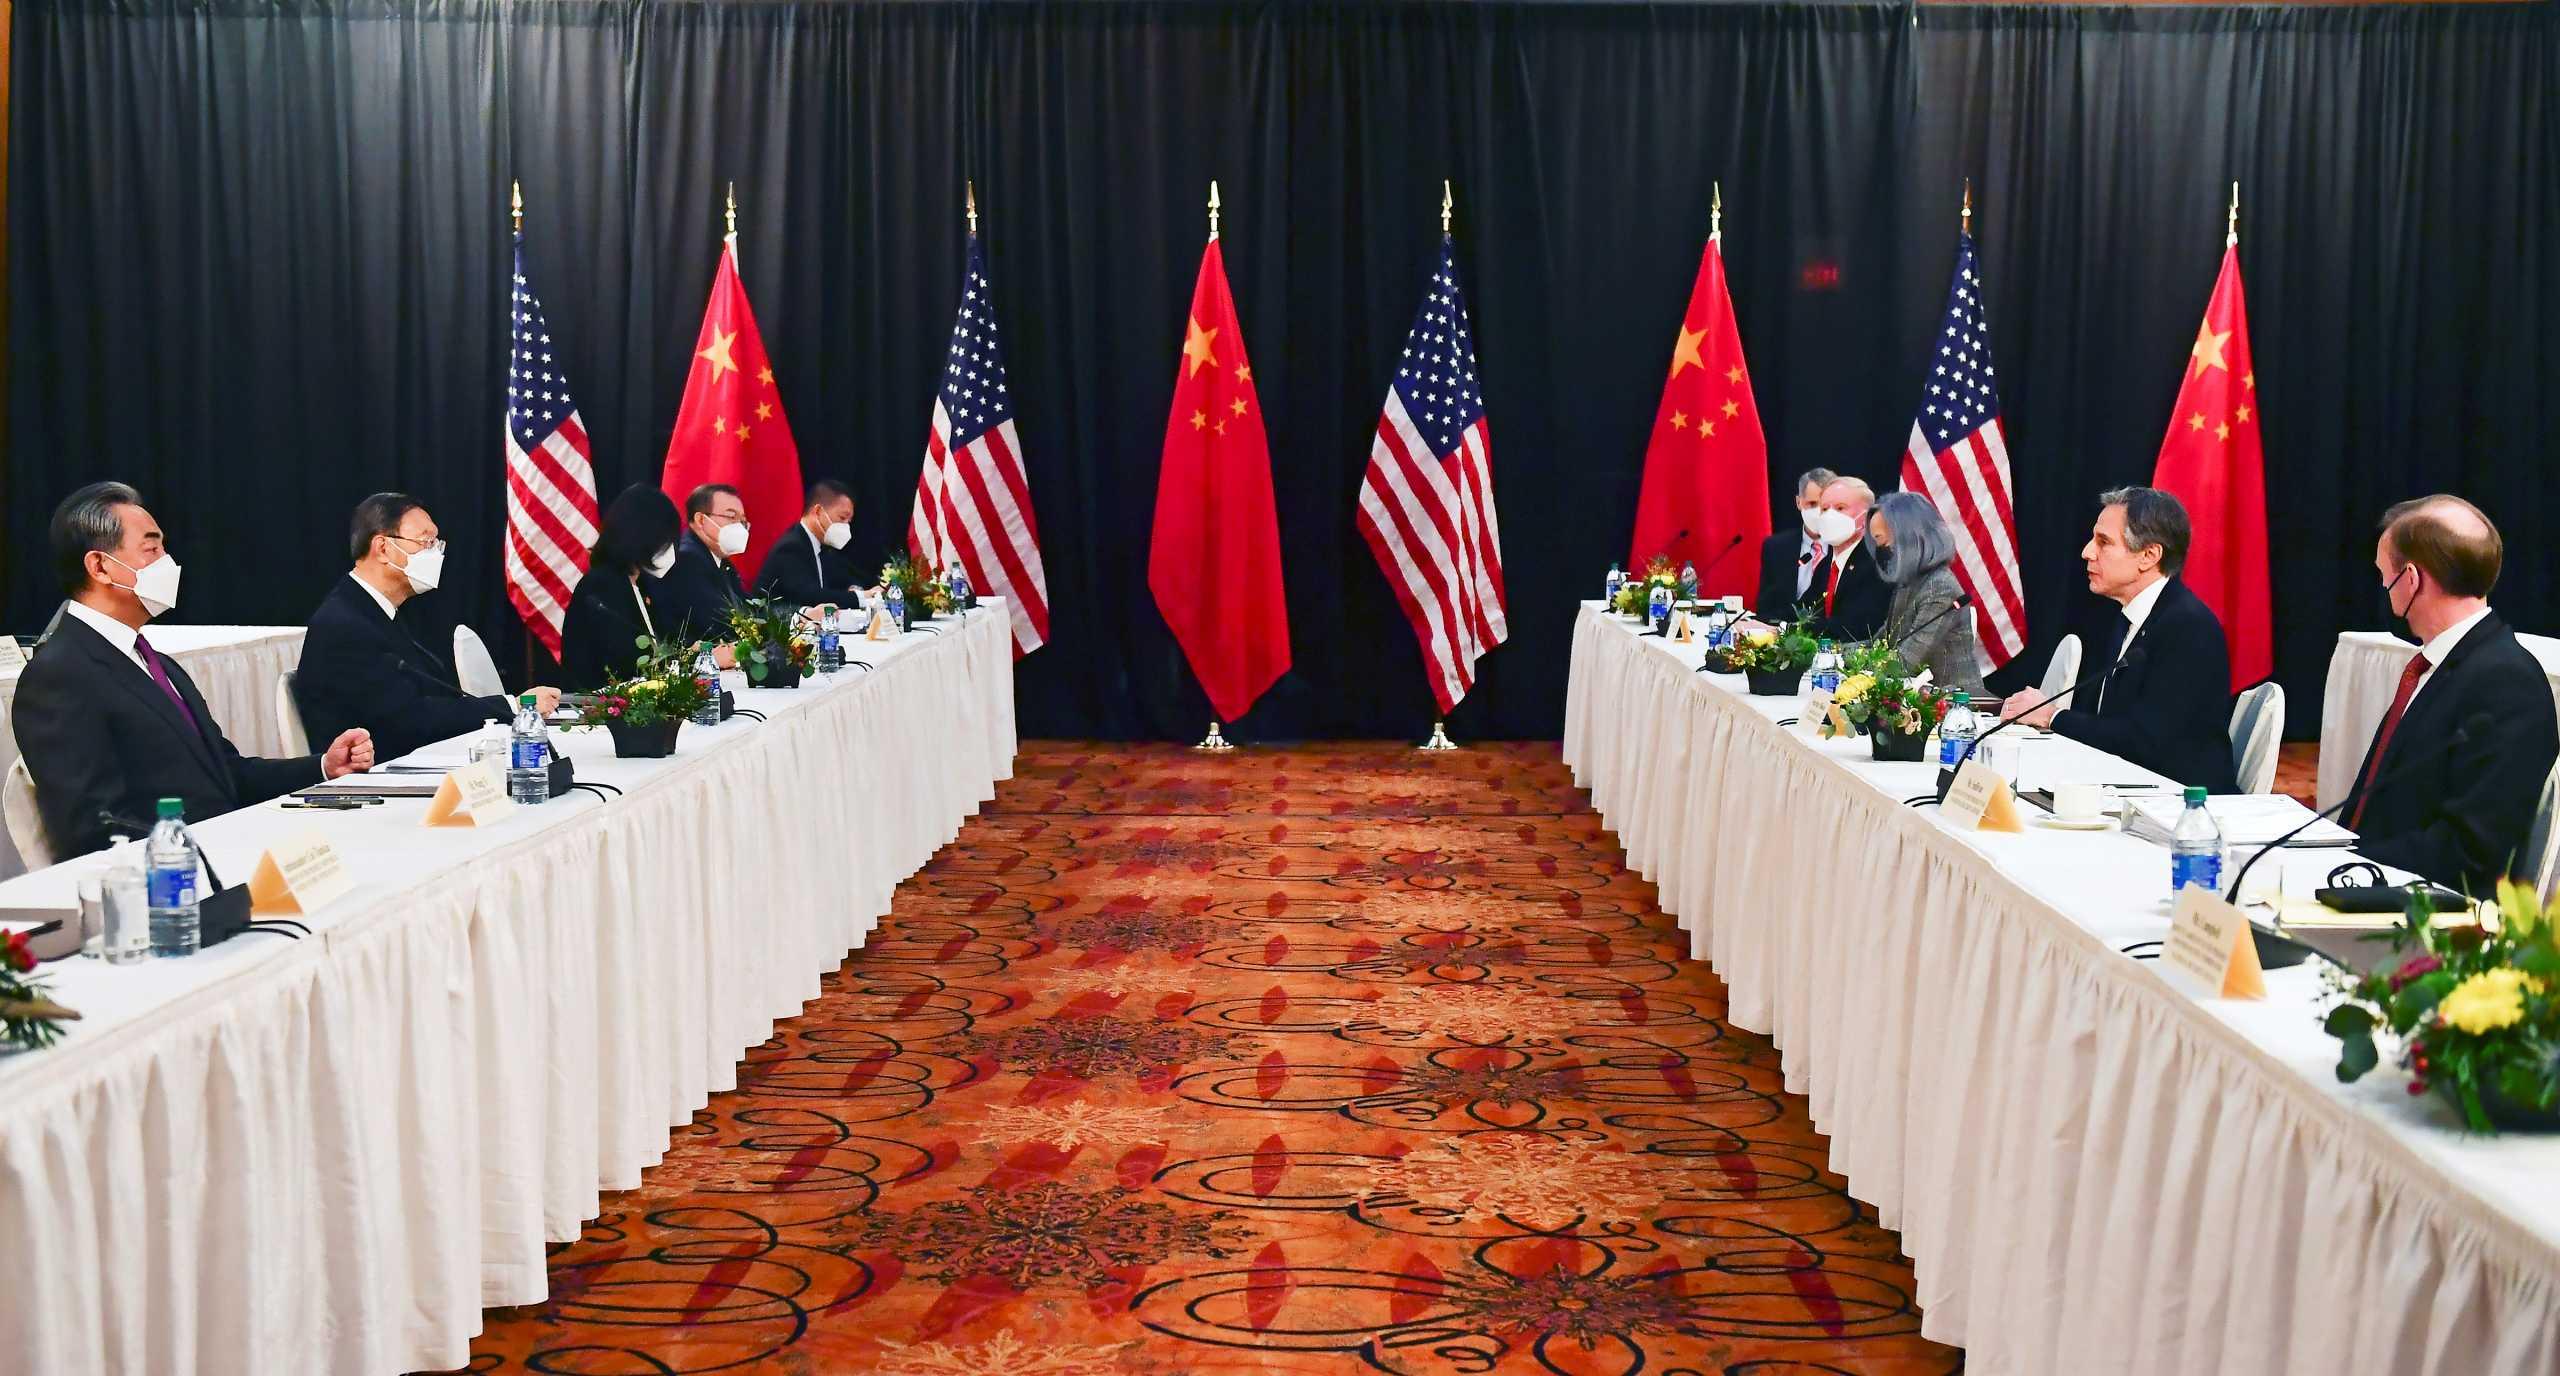 ΗΠΑ και Κίνα «σκοτώθηκαν» on camera στην Αλάσκα